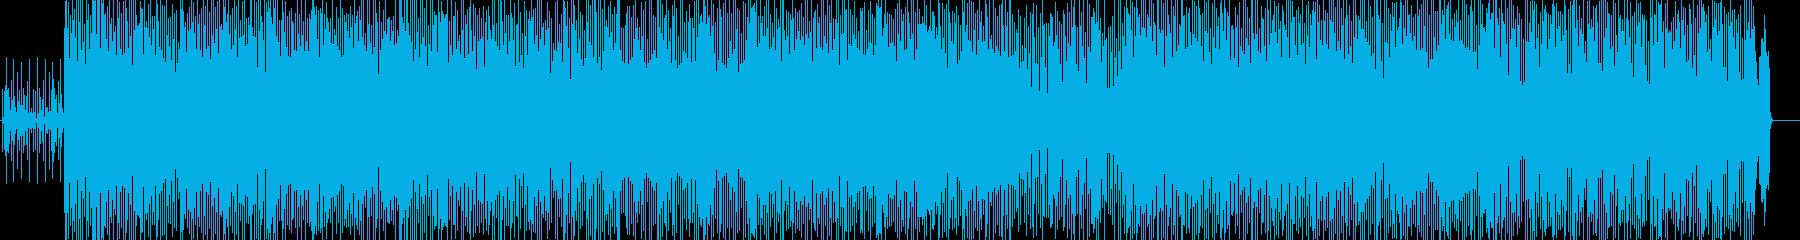 軽快でおしゃれなヒップホップの再生済みの波形